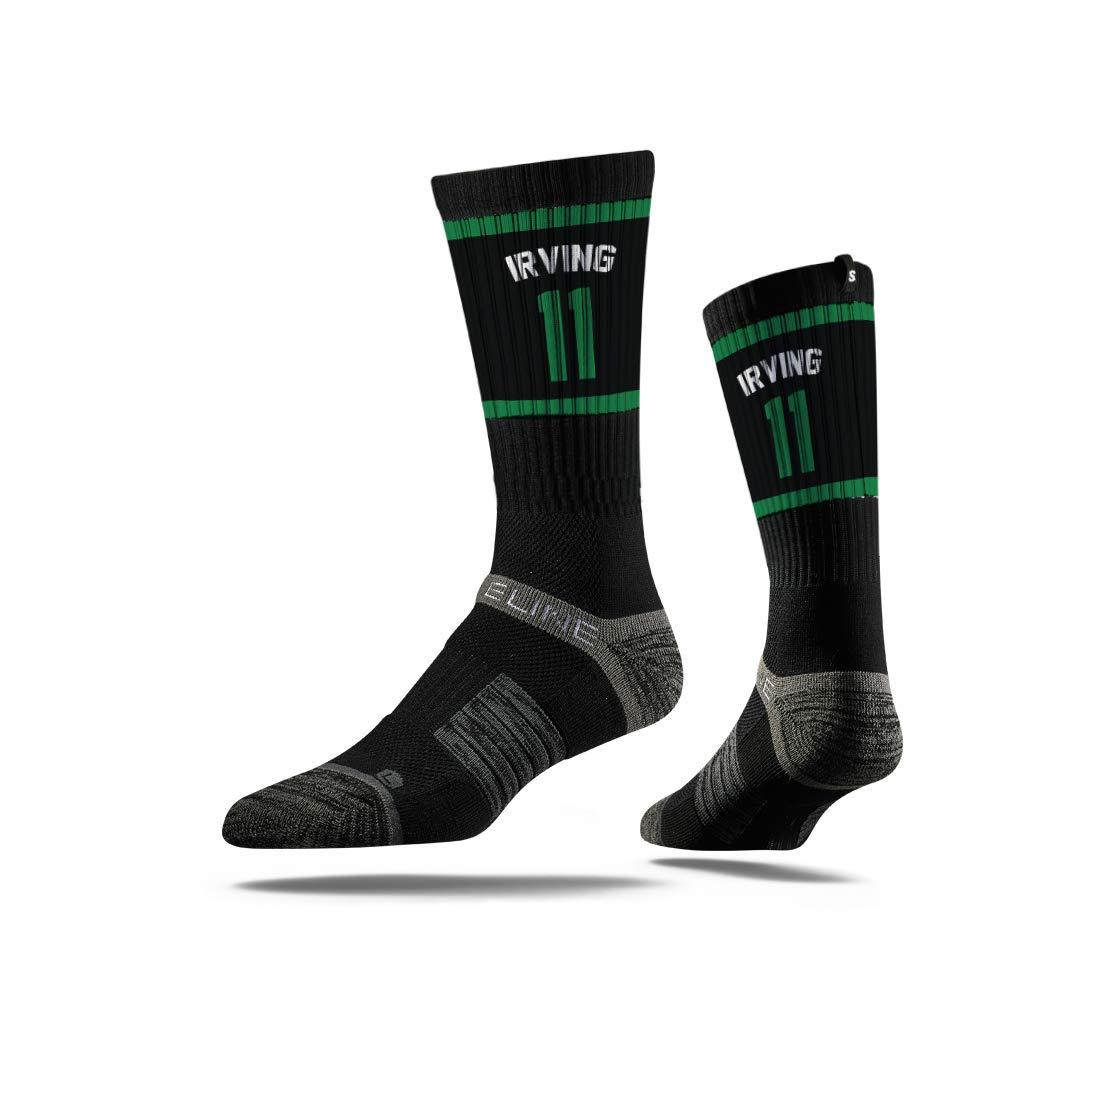 f1e6011efdd96 Kyrie Irving #11 Boston Celtics Adult Black Strideline Socks at ...